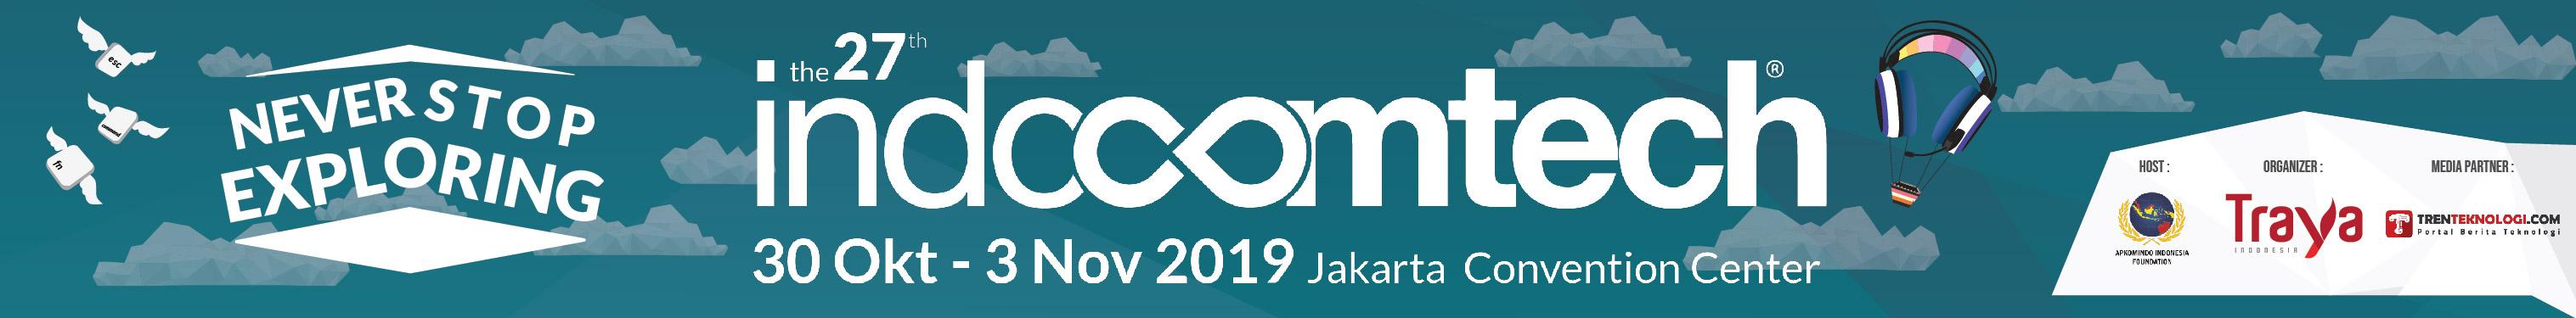 Indocomtech 2019